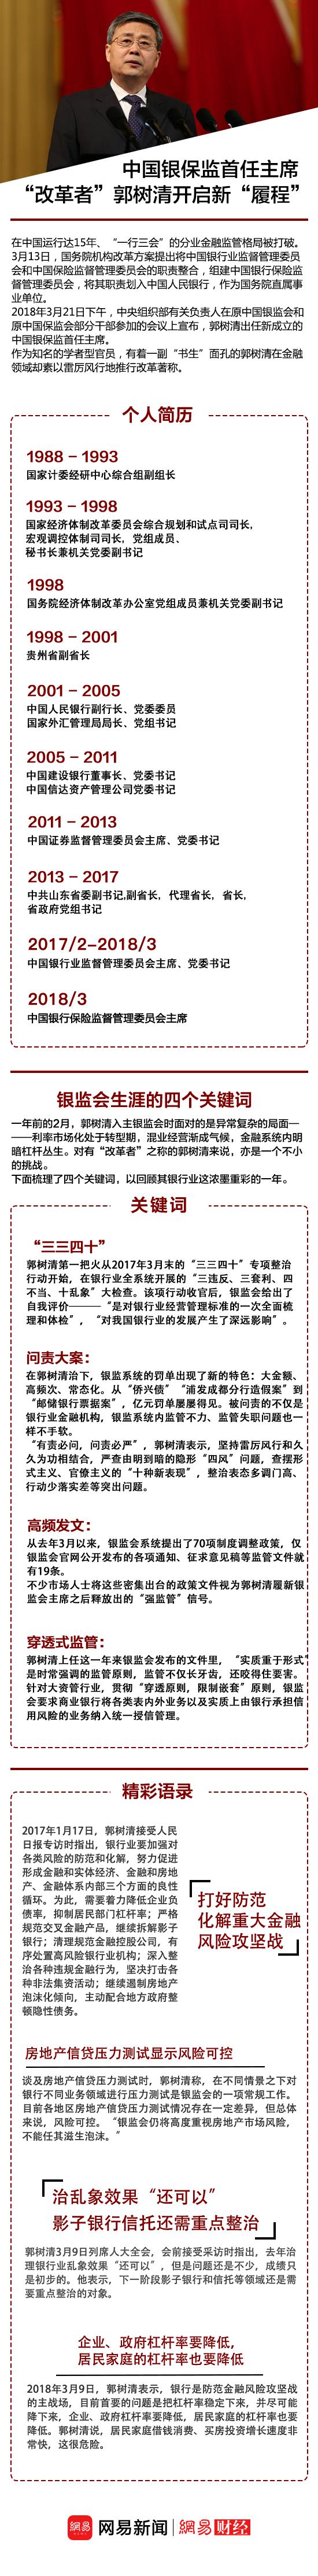 郭树清成银保监首任主席 改革者开启新履程